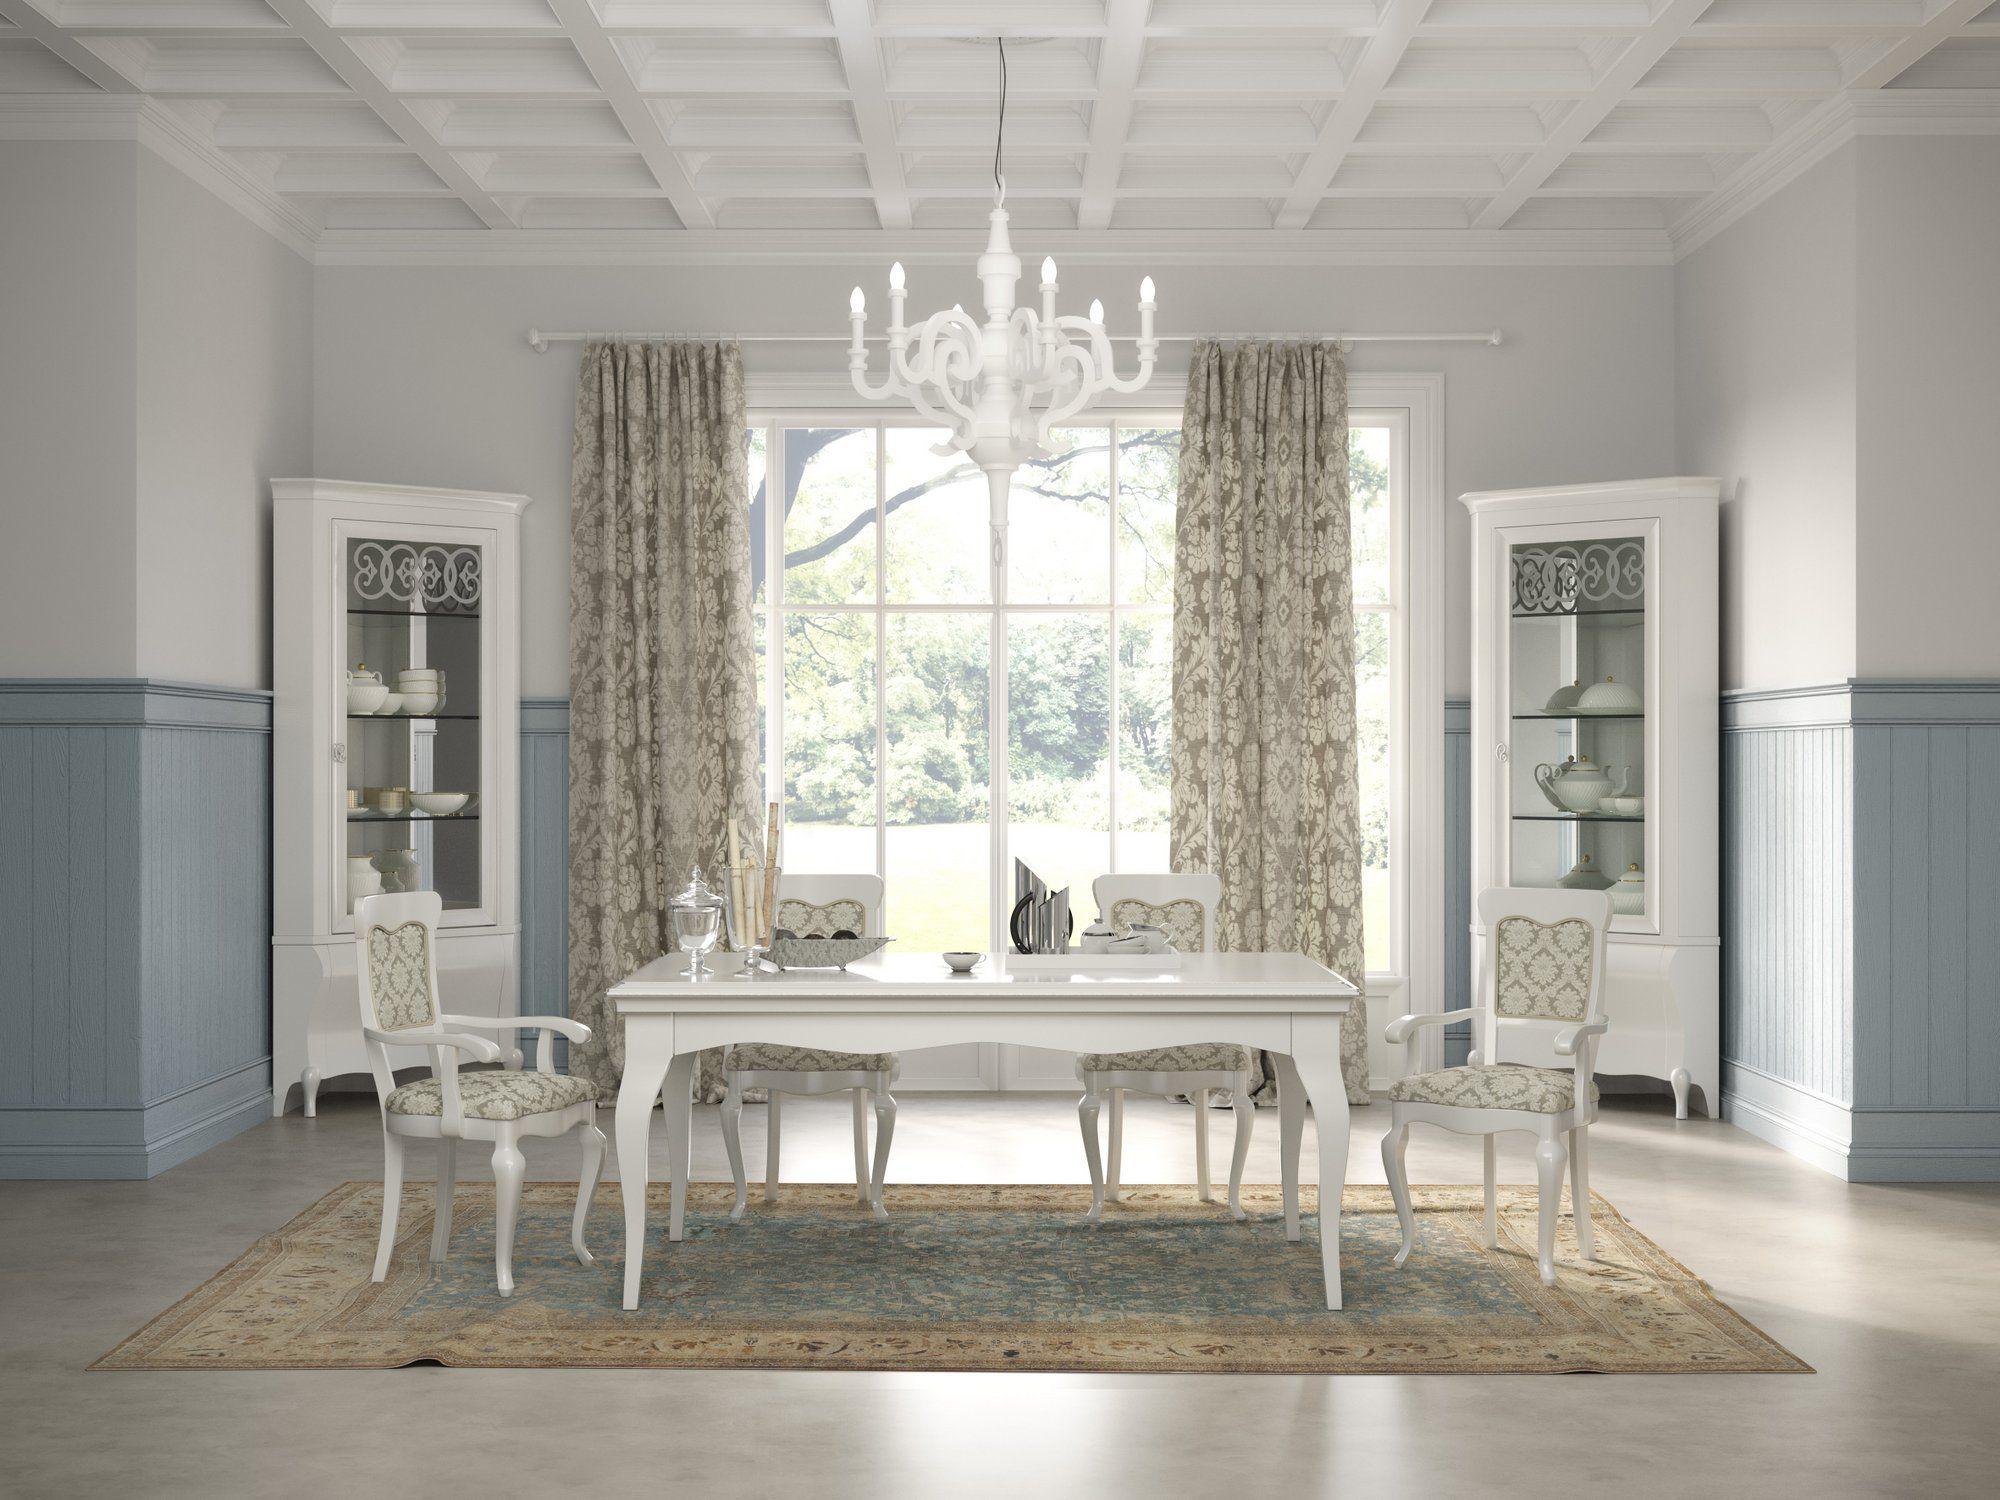 Купить Белую Мебель Для Гостиной Москва